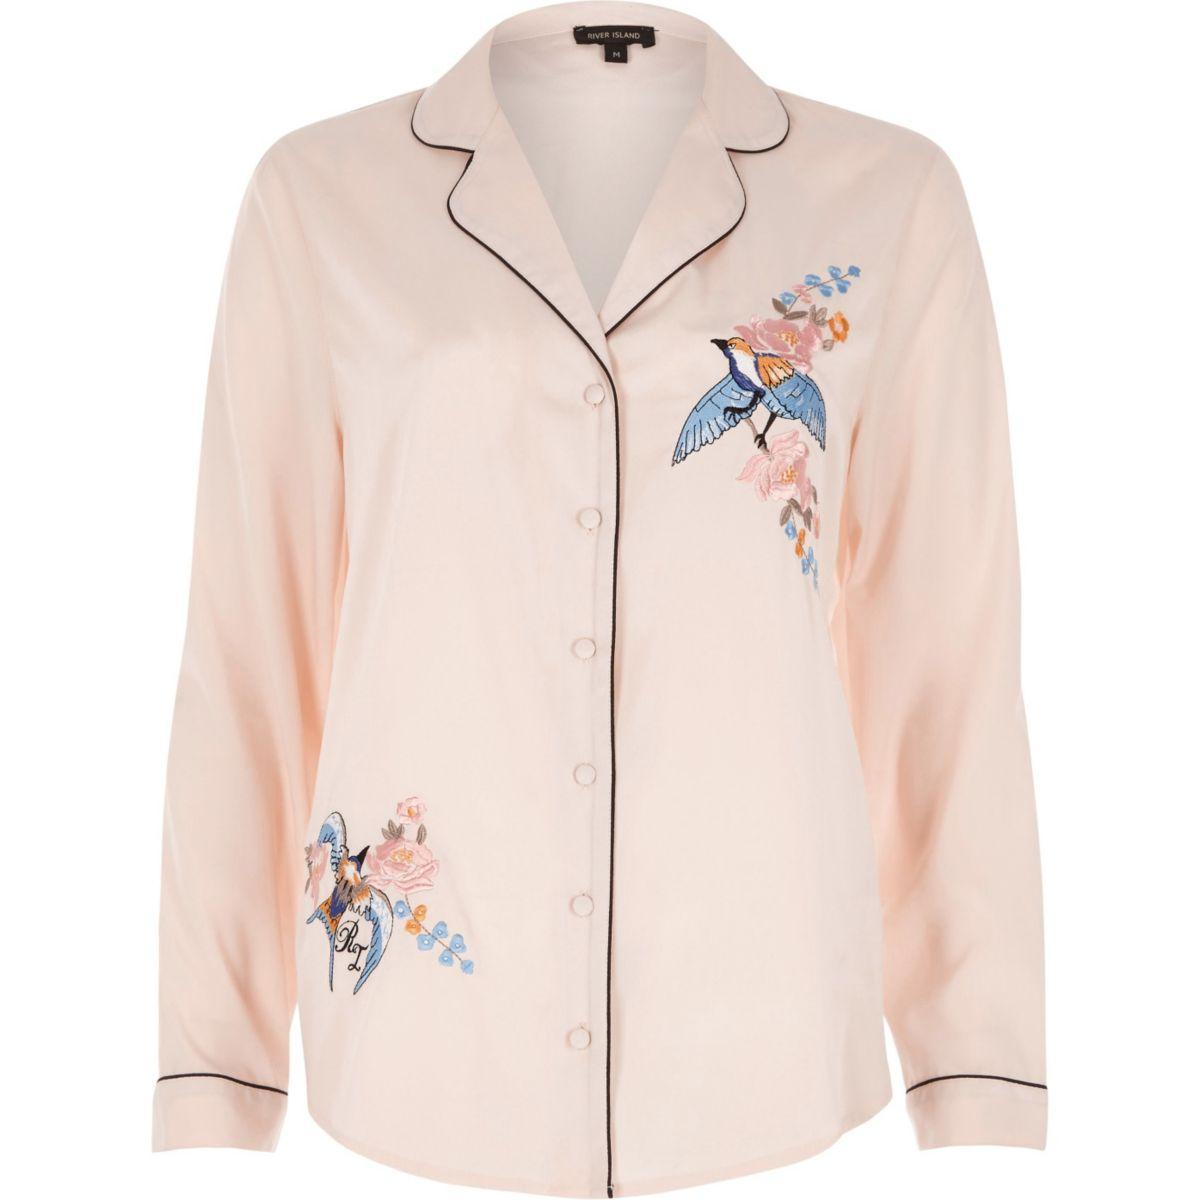 Pink embroidered bird pyjama shirt